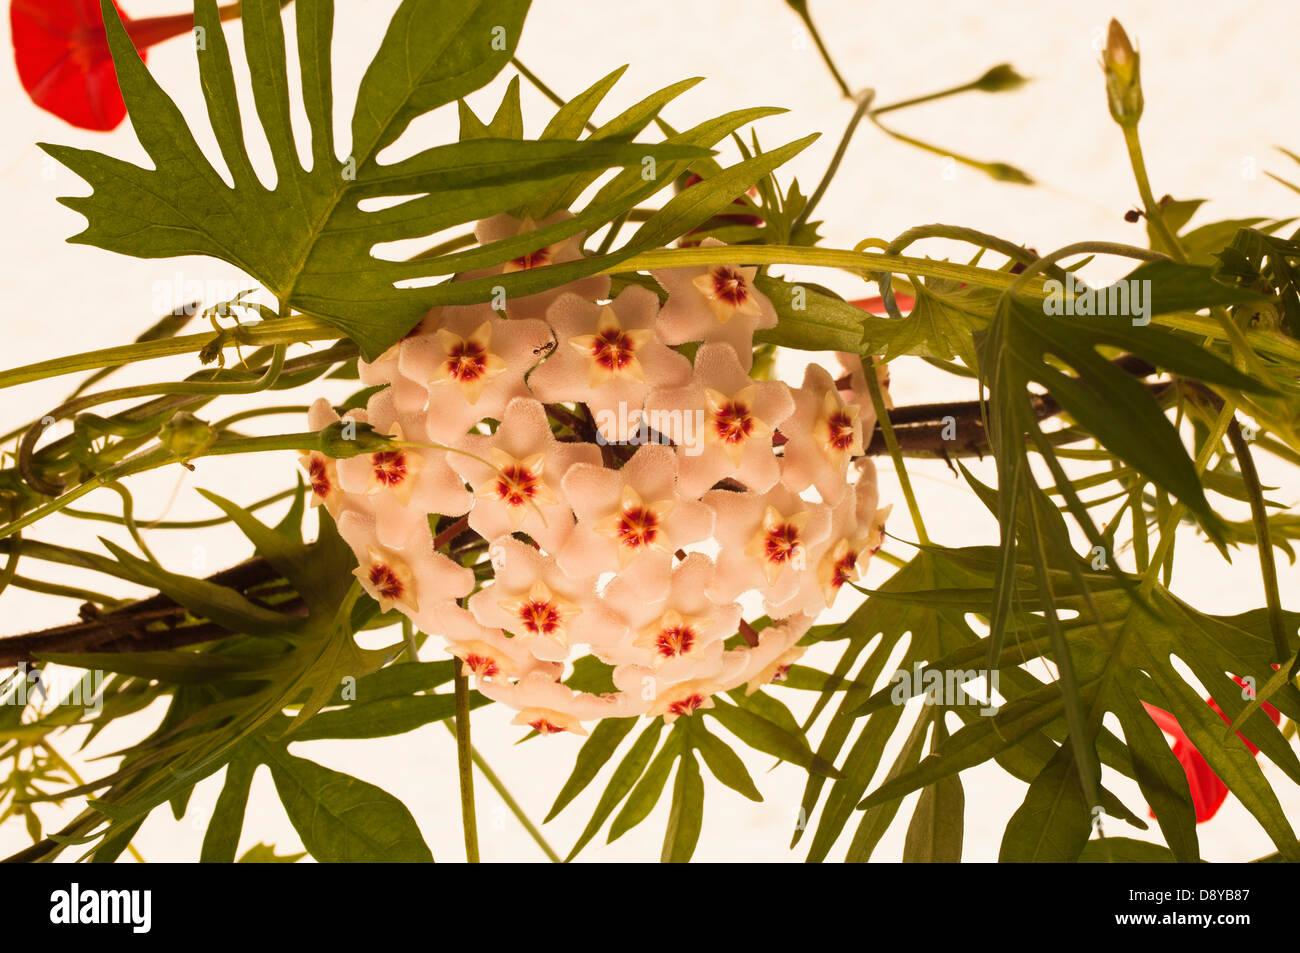 Nett Frühlingsblumen Die Blätter Färben Fotos - Malvorlagen Von ...